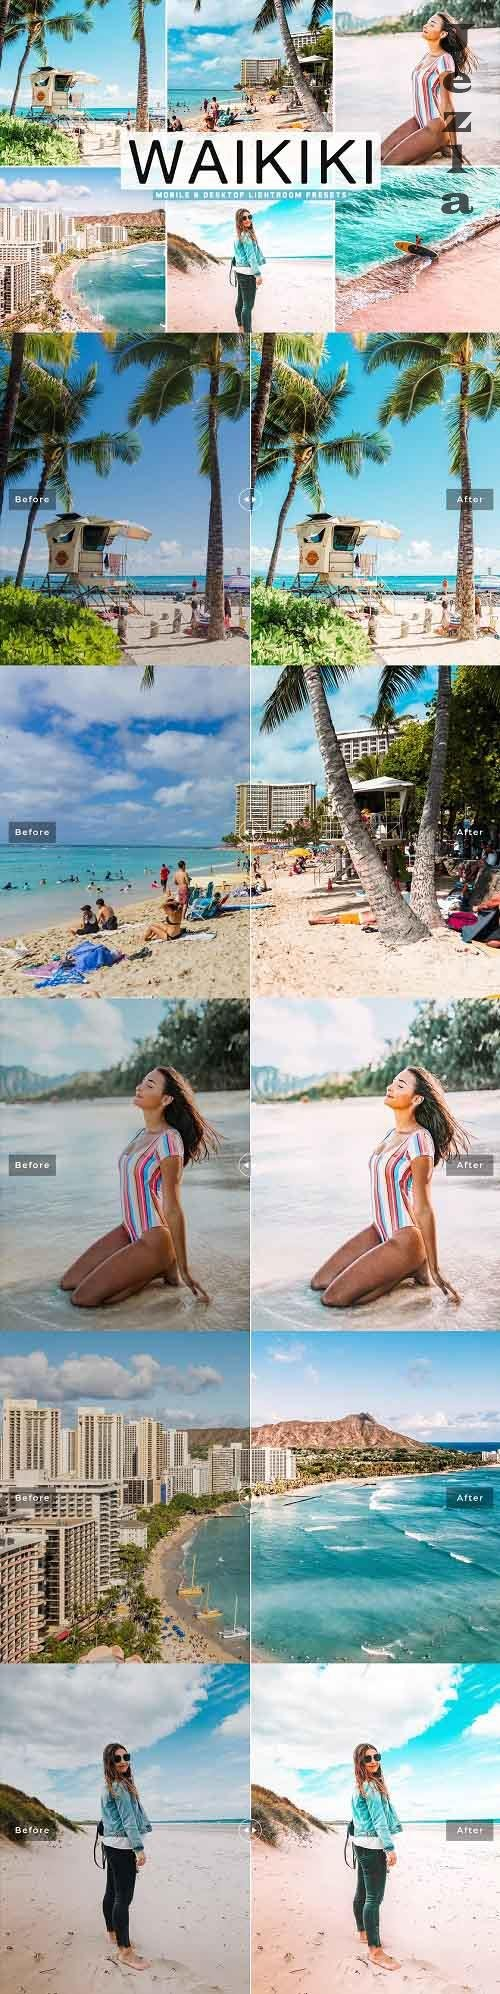 Waikiki Pro Lightroom Presets - 5342729 - Mobile & Desktop